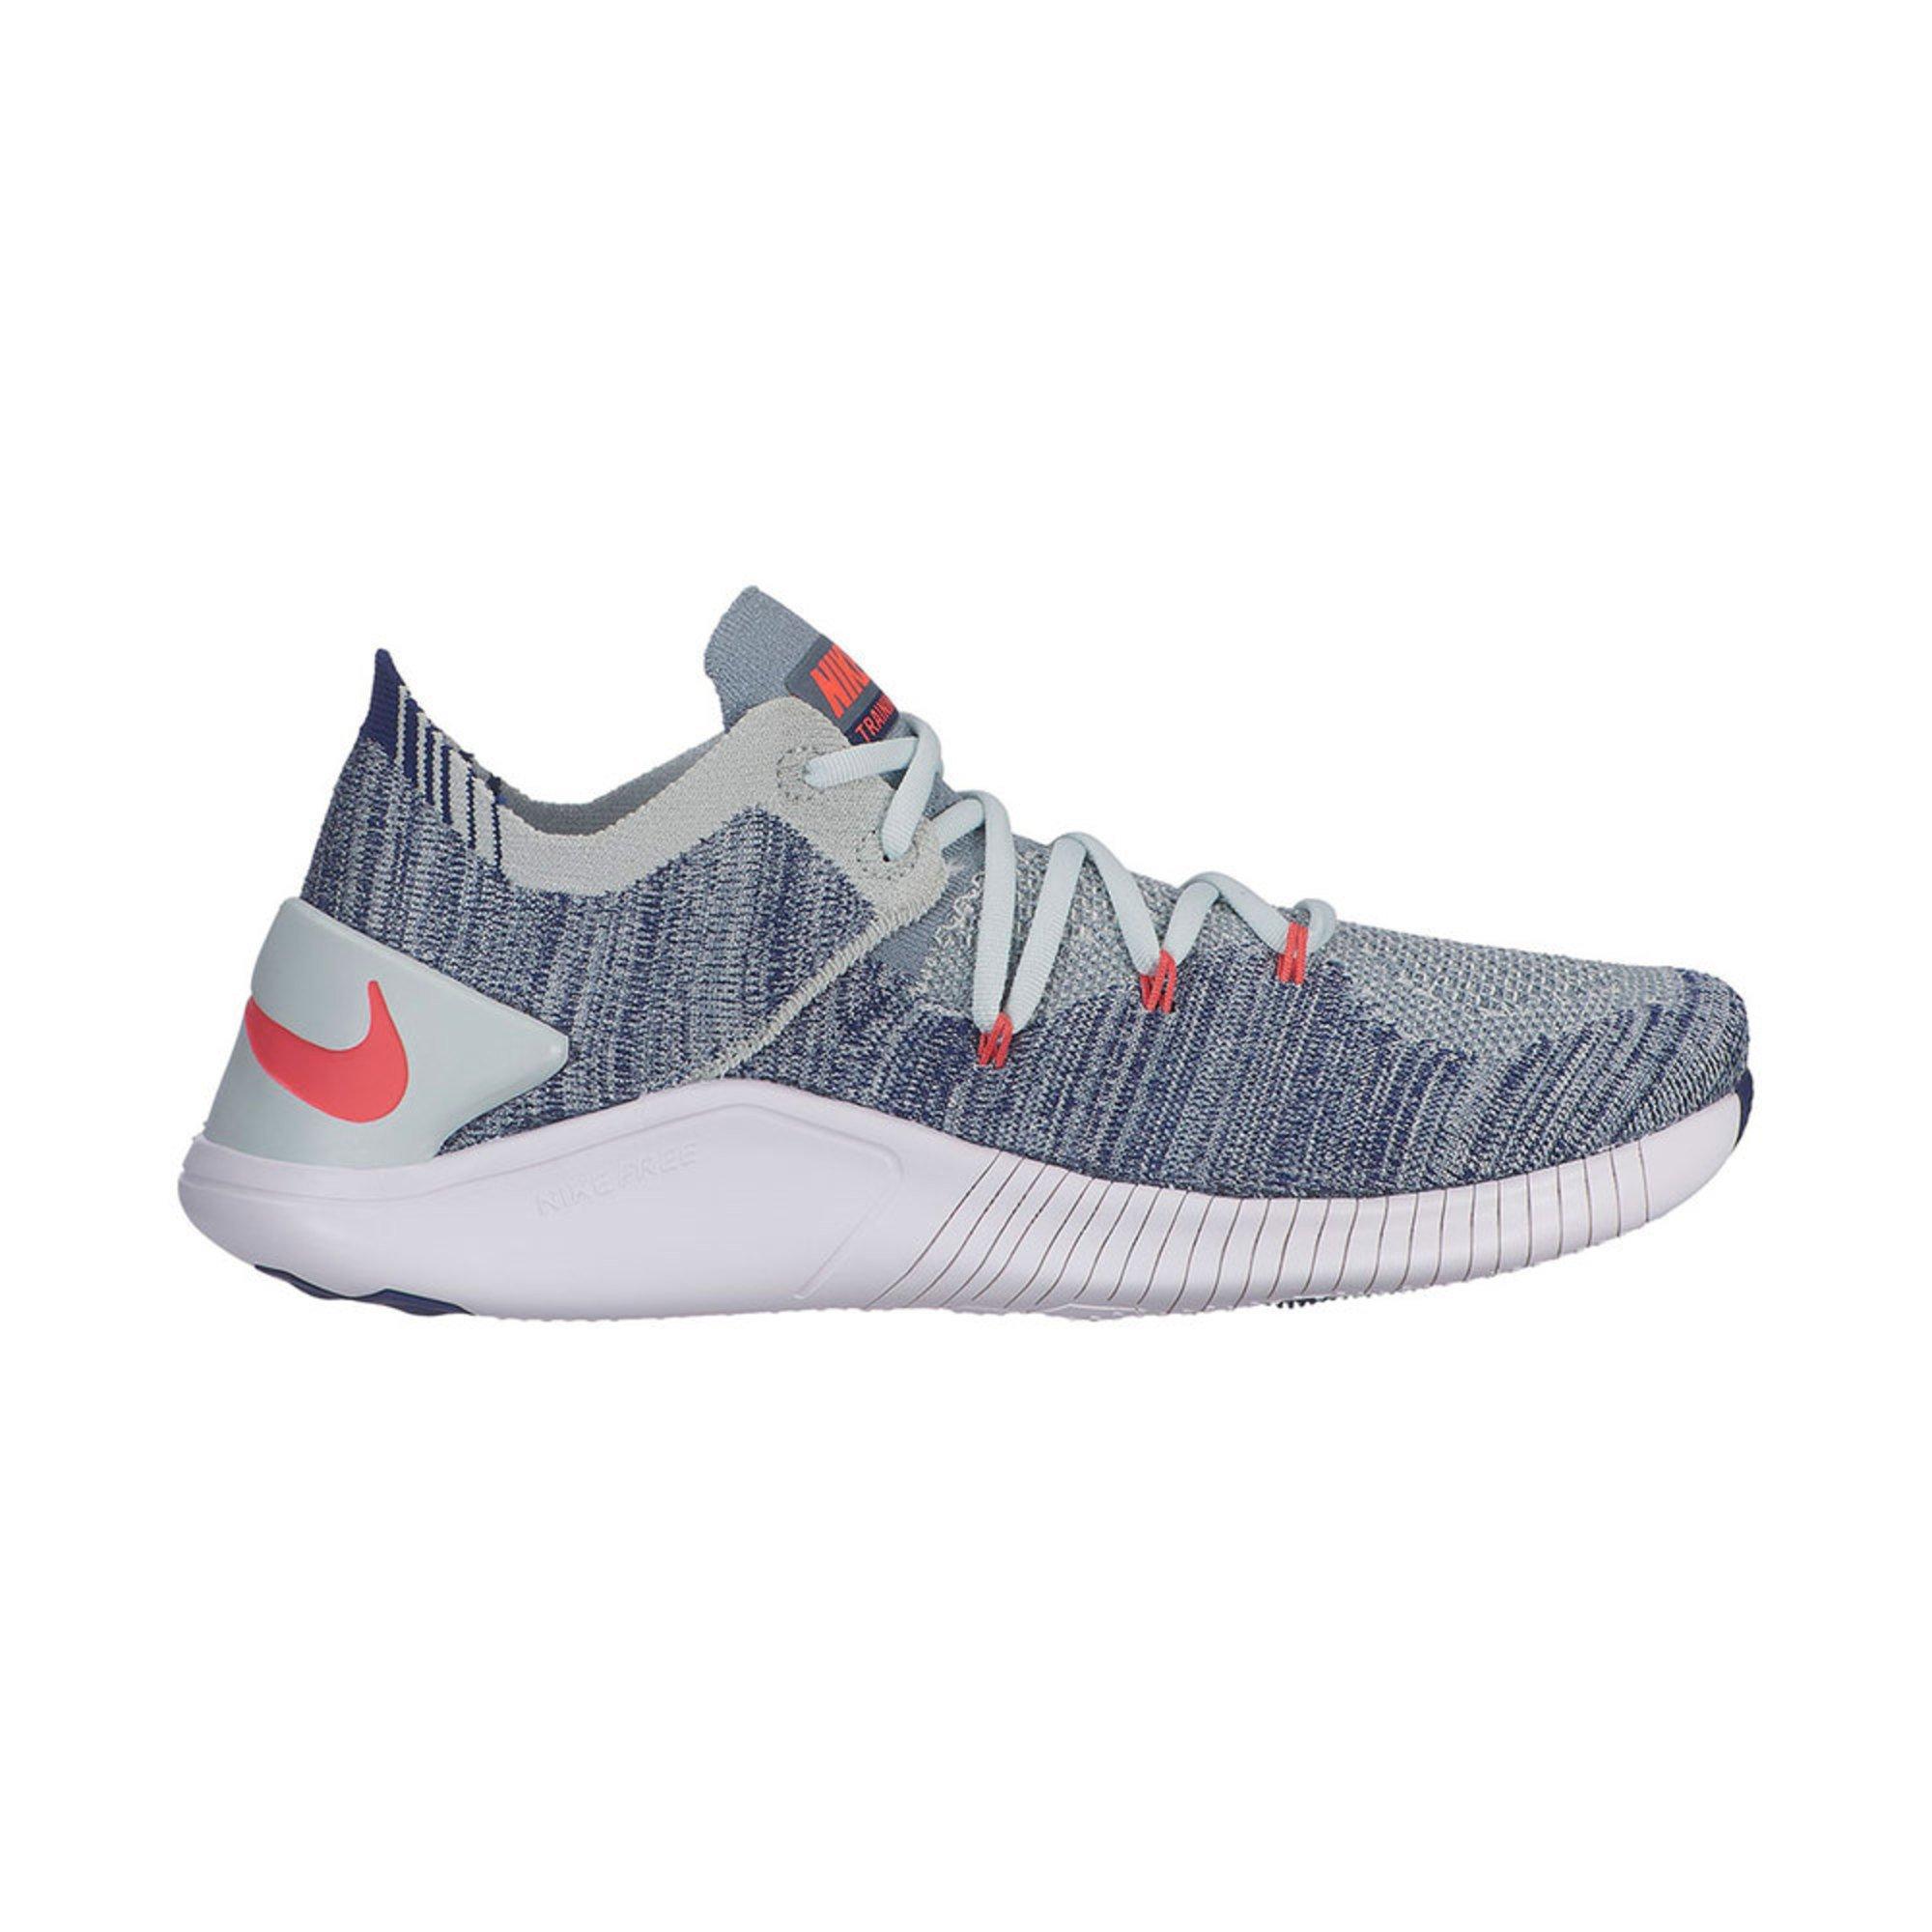 3807a76444ee9 Nike. Nike Women s Free TR Flyknit 3 Training Shoe